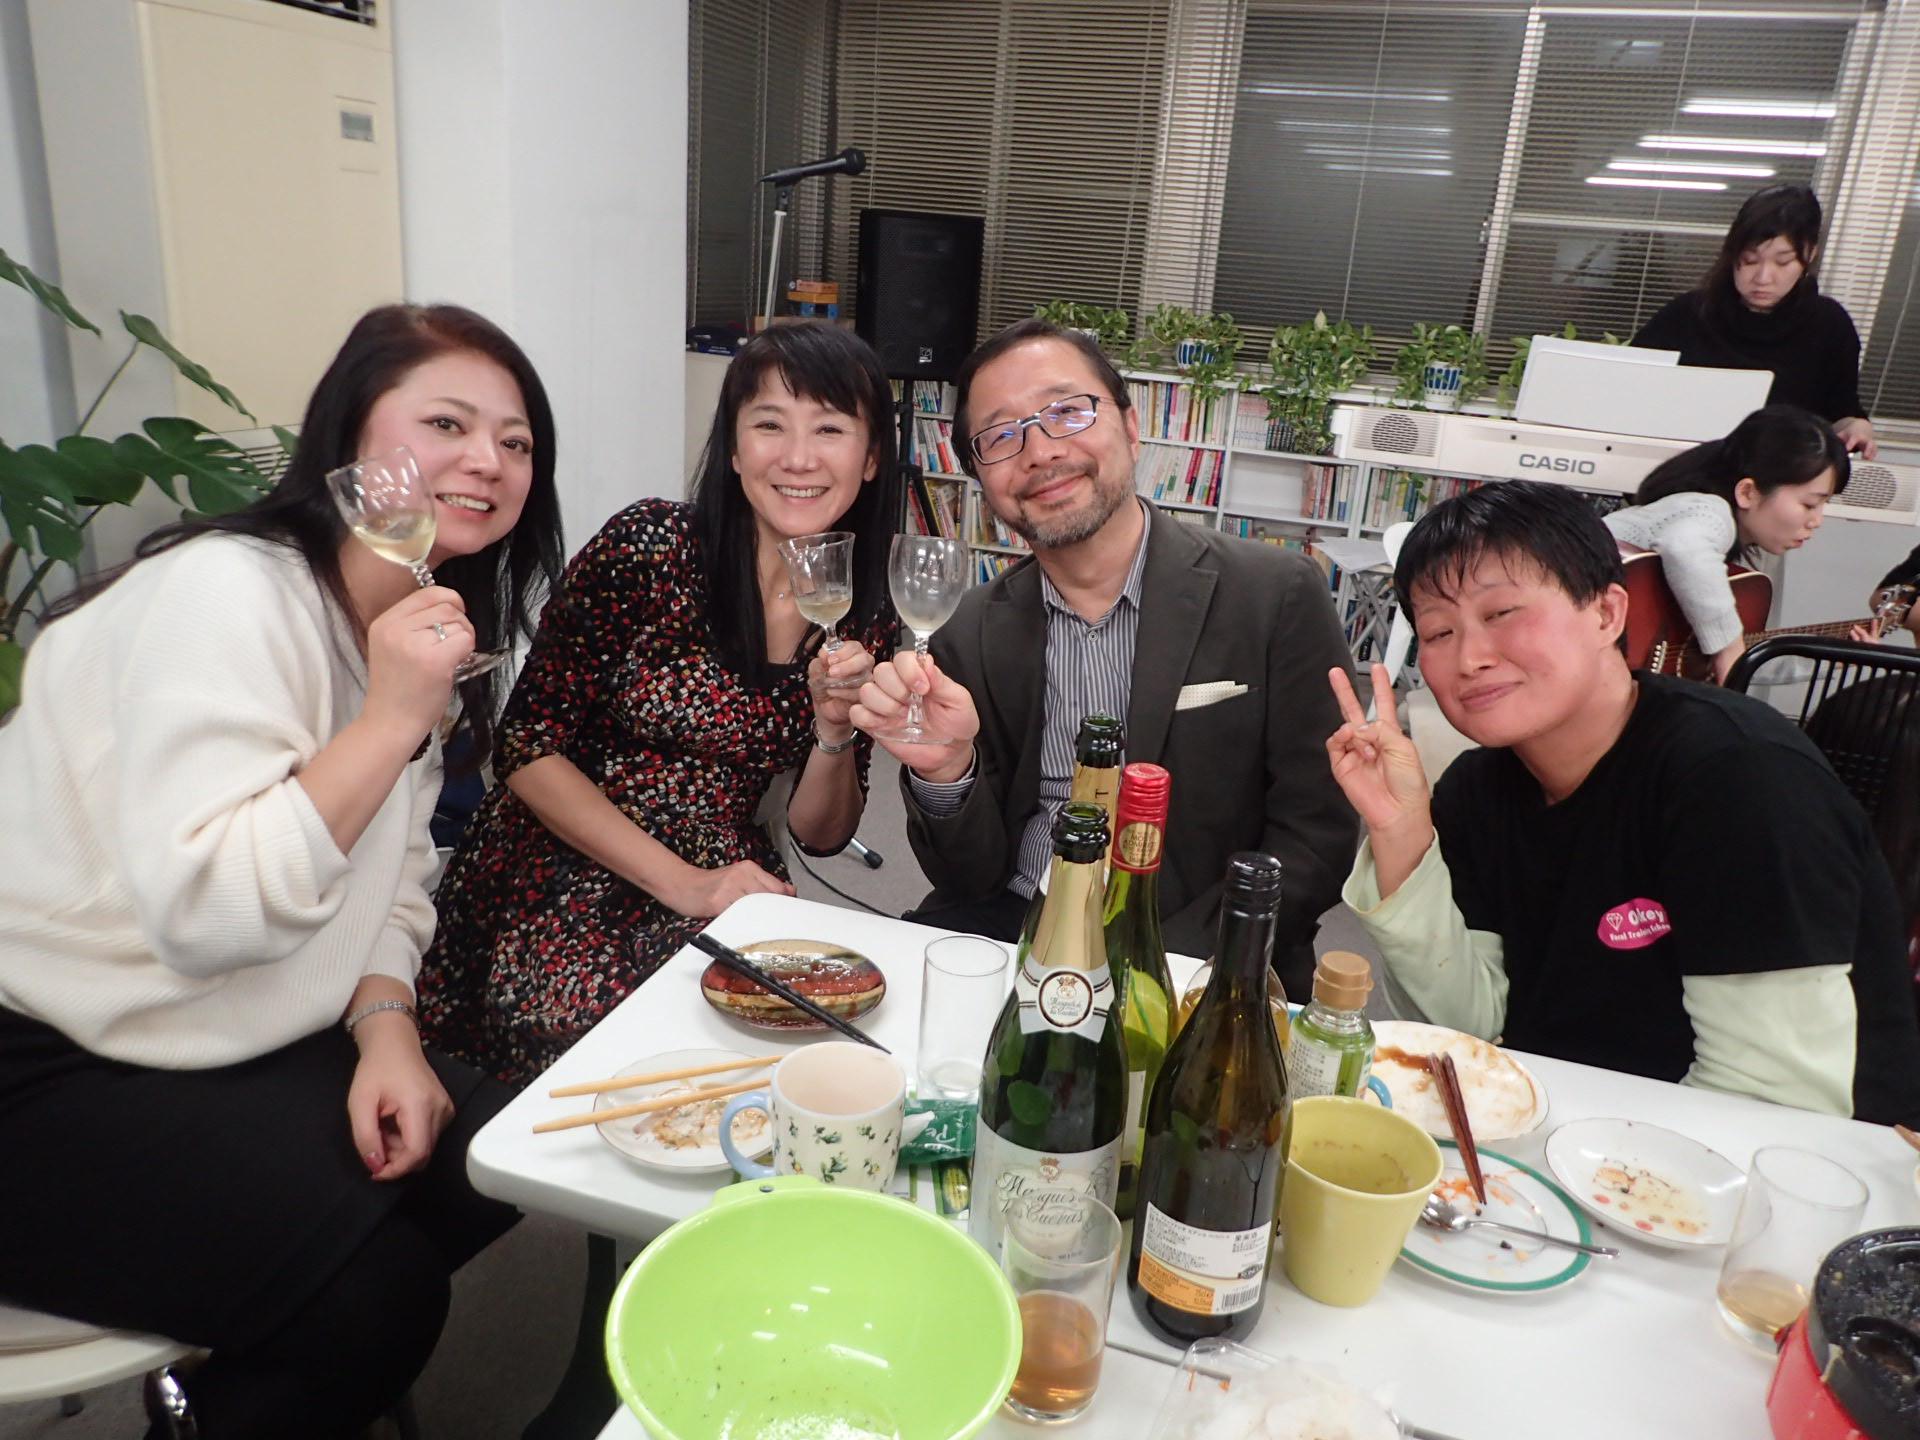 大人チーム、ゆったりワインを楽しむ。